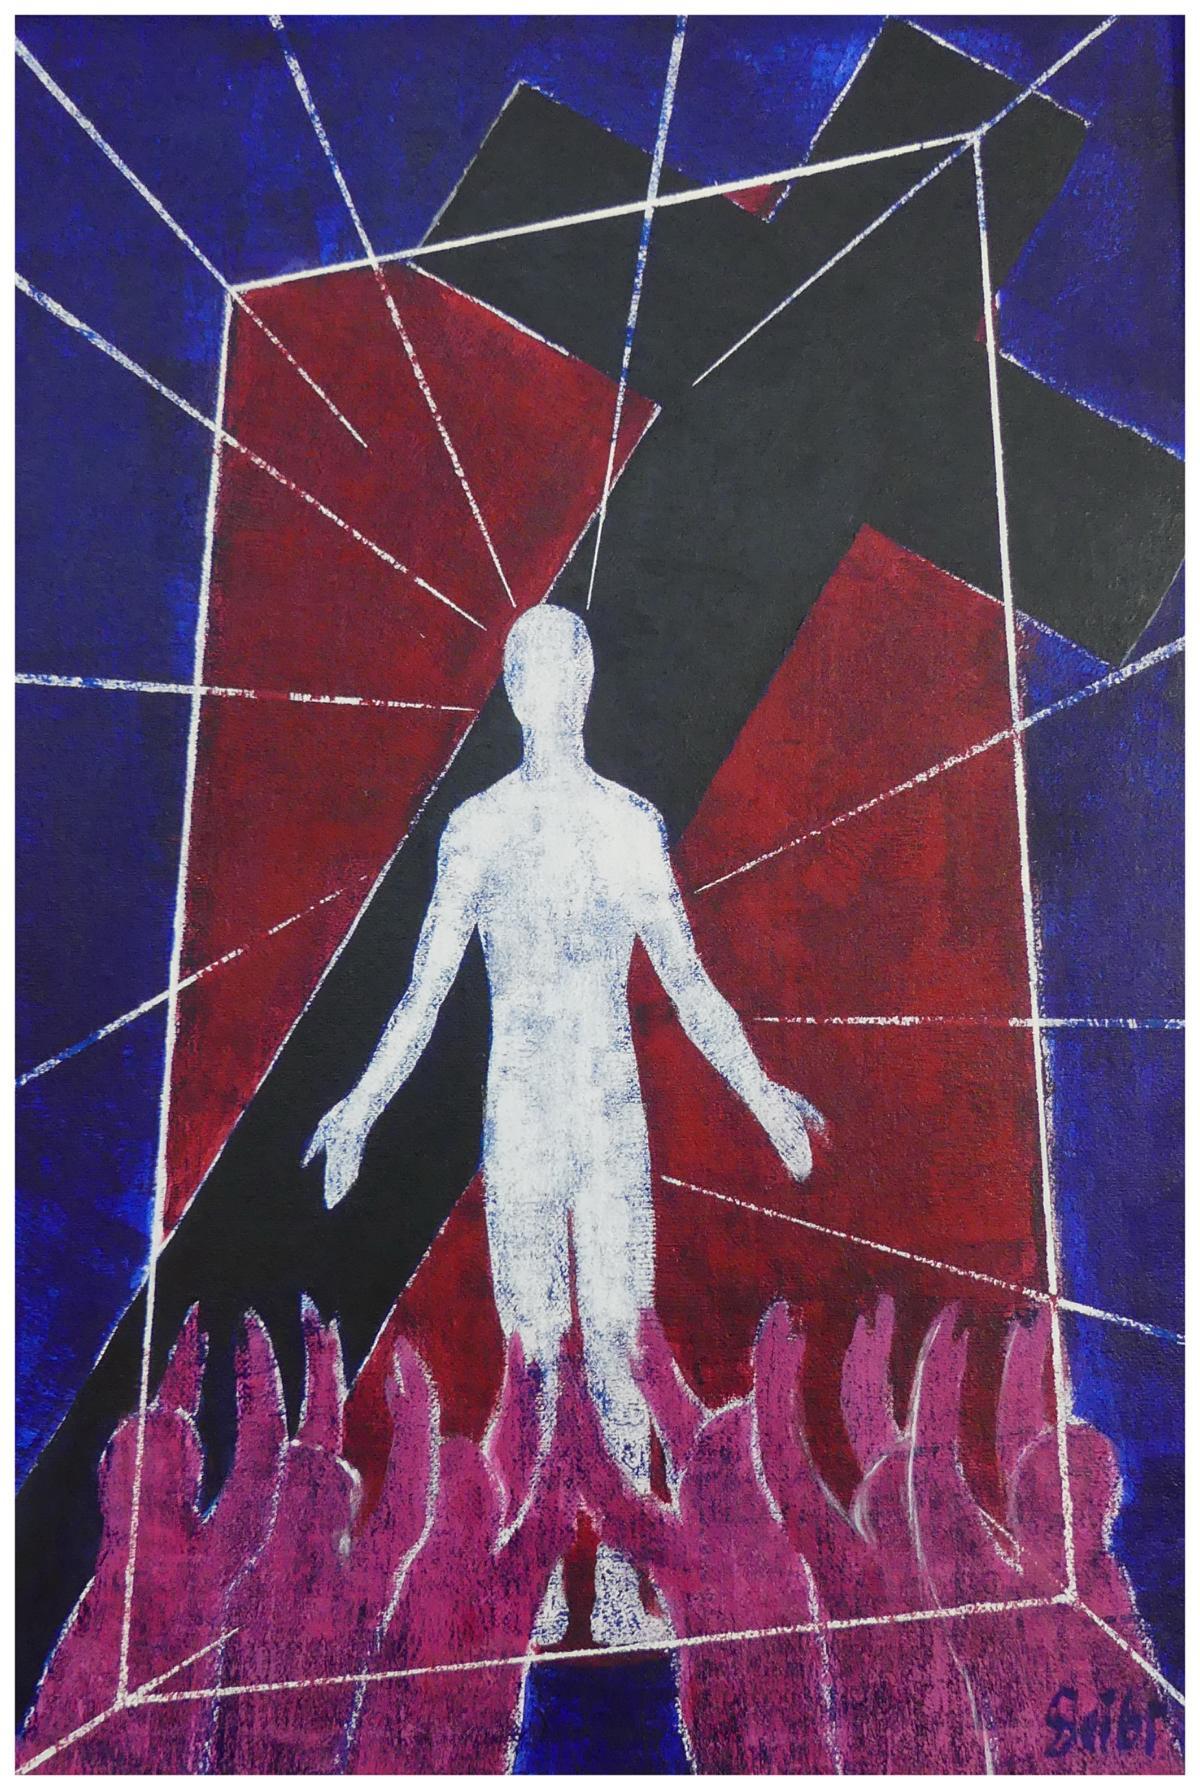 Innermanzing-08